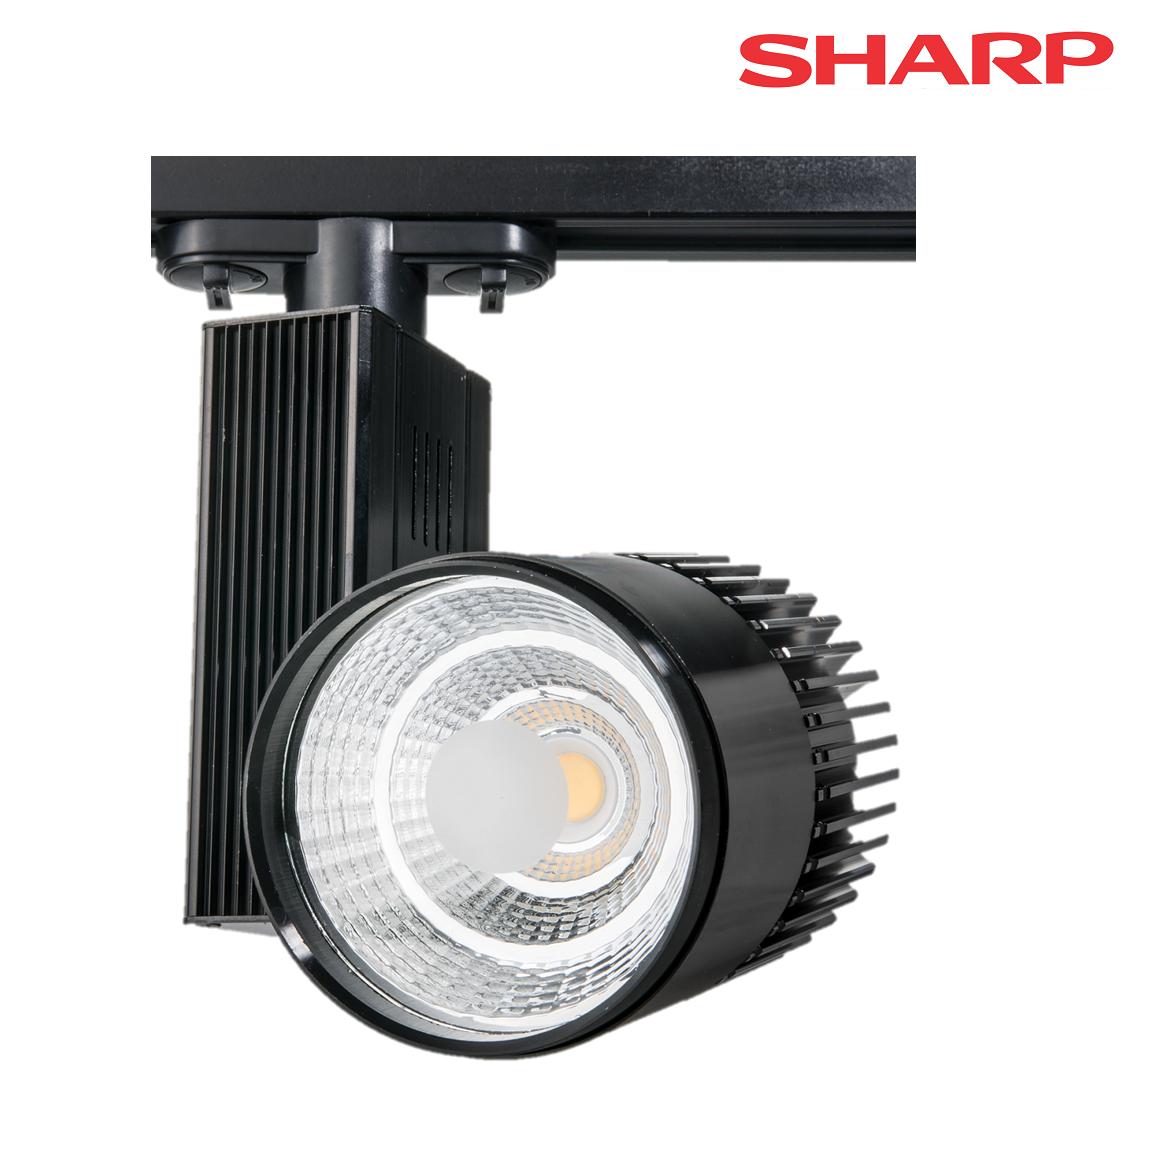 FL-2084 S - 35 Watt Siyah Kasa SHARP Ray Spot